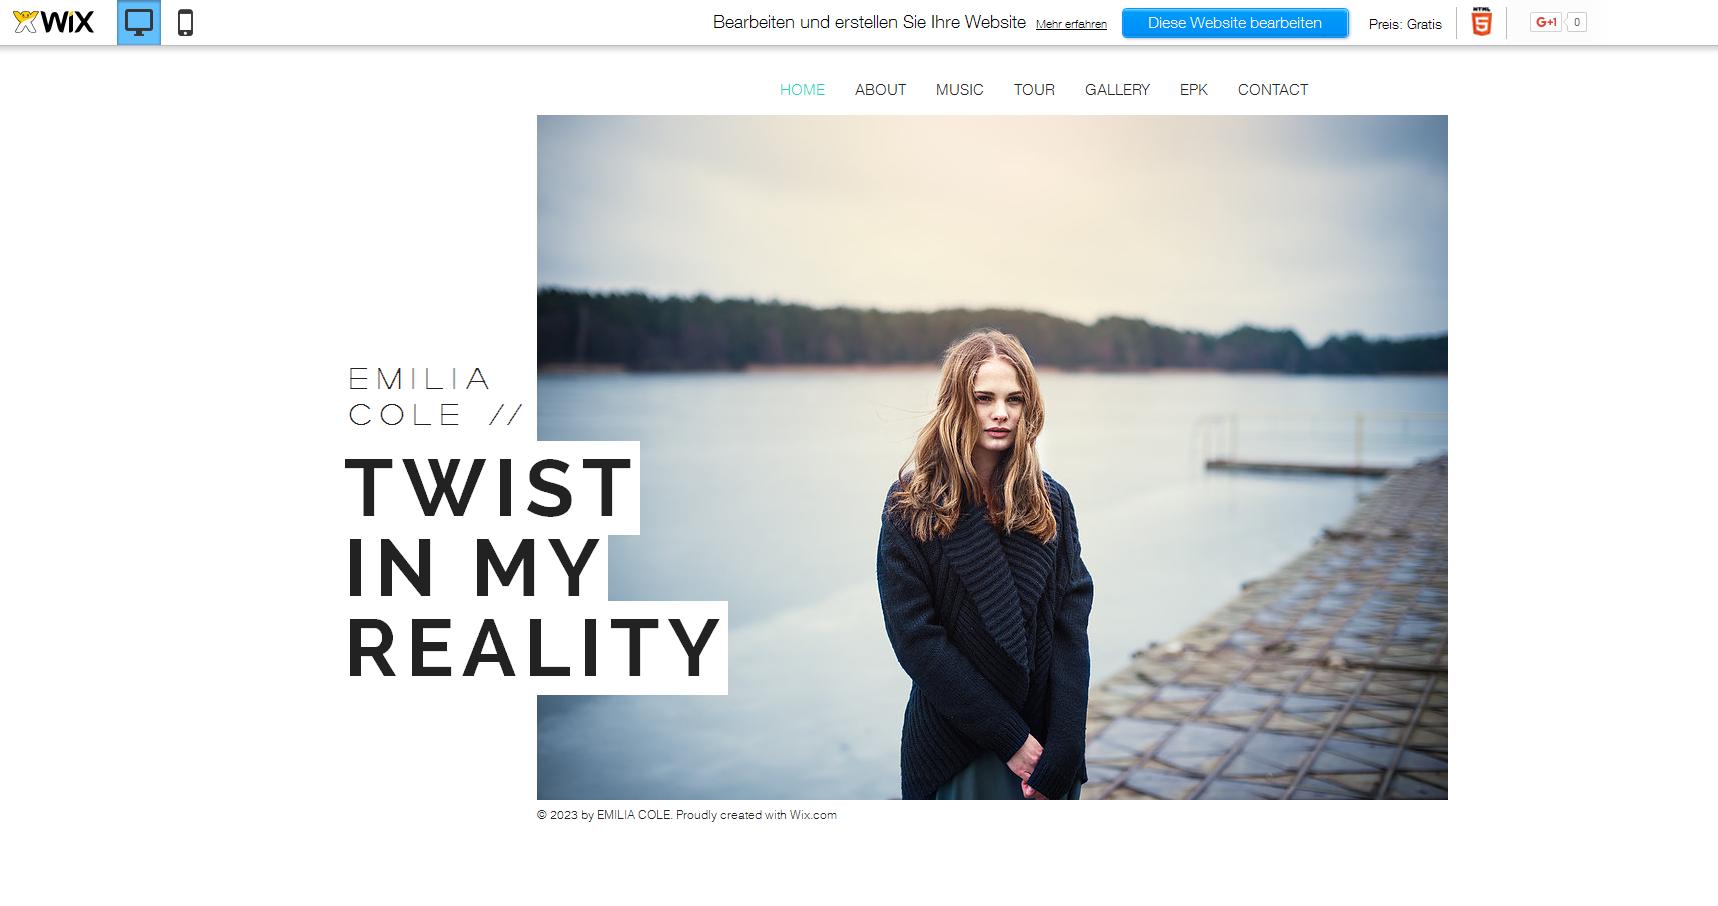 Eine eigene Homepage erstellen mit dem Wix-Homepage-Baukasten | IT News